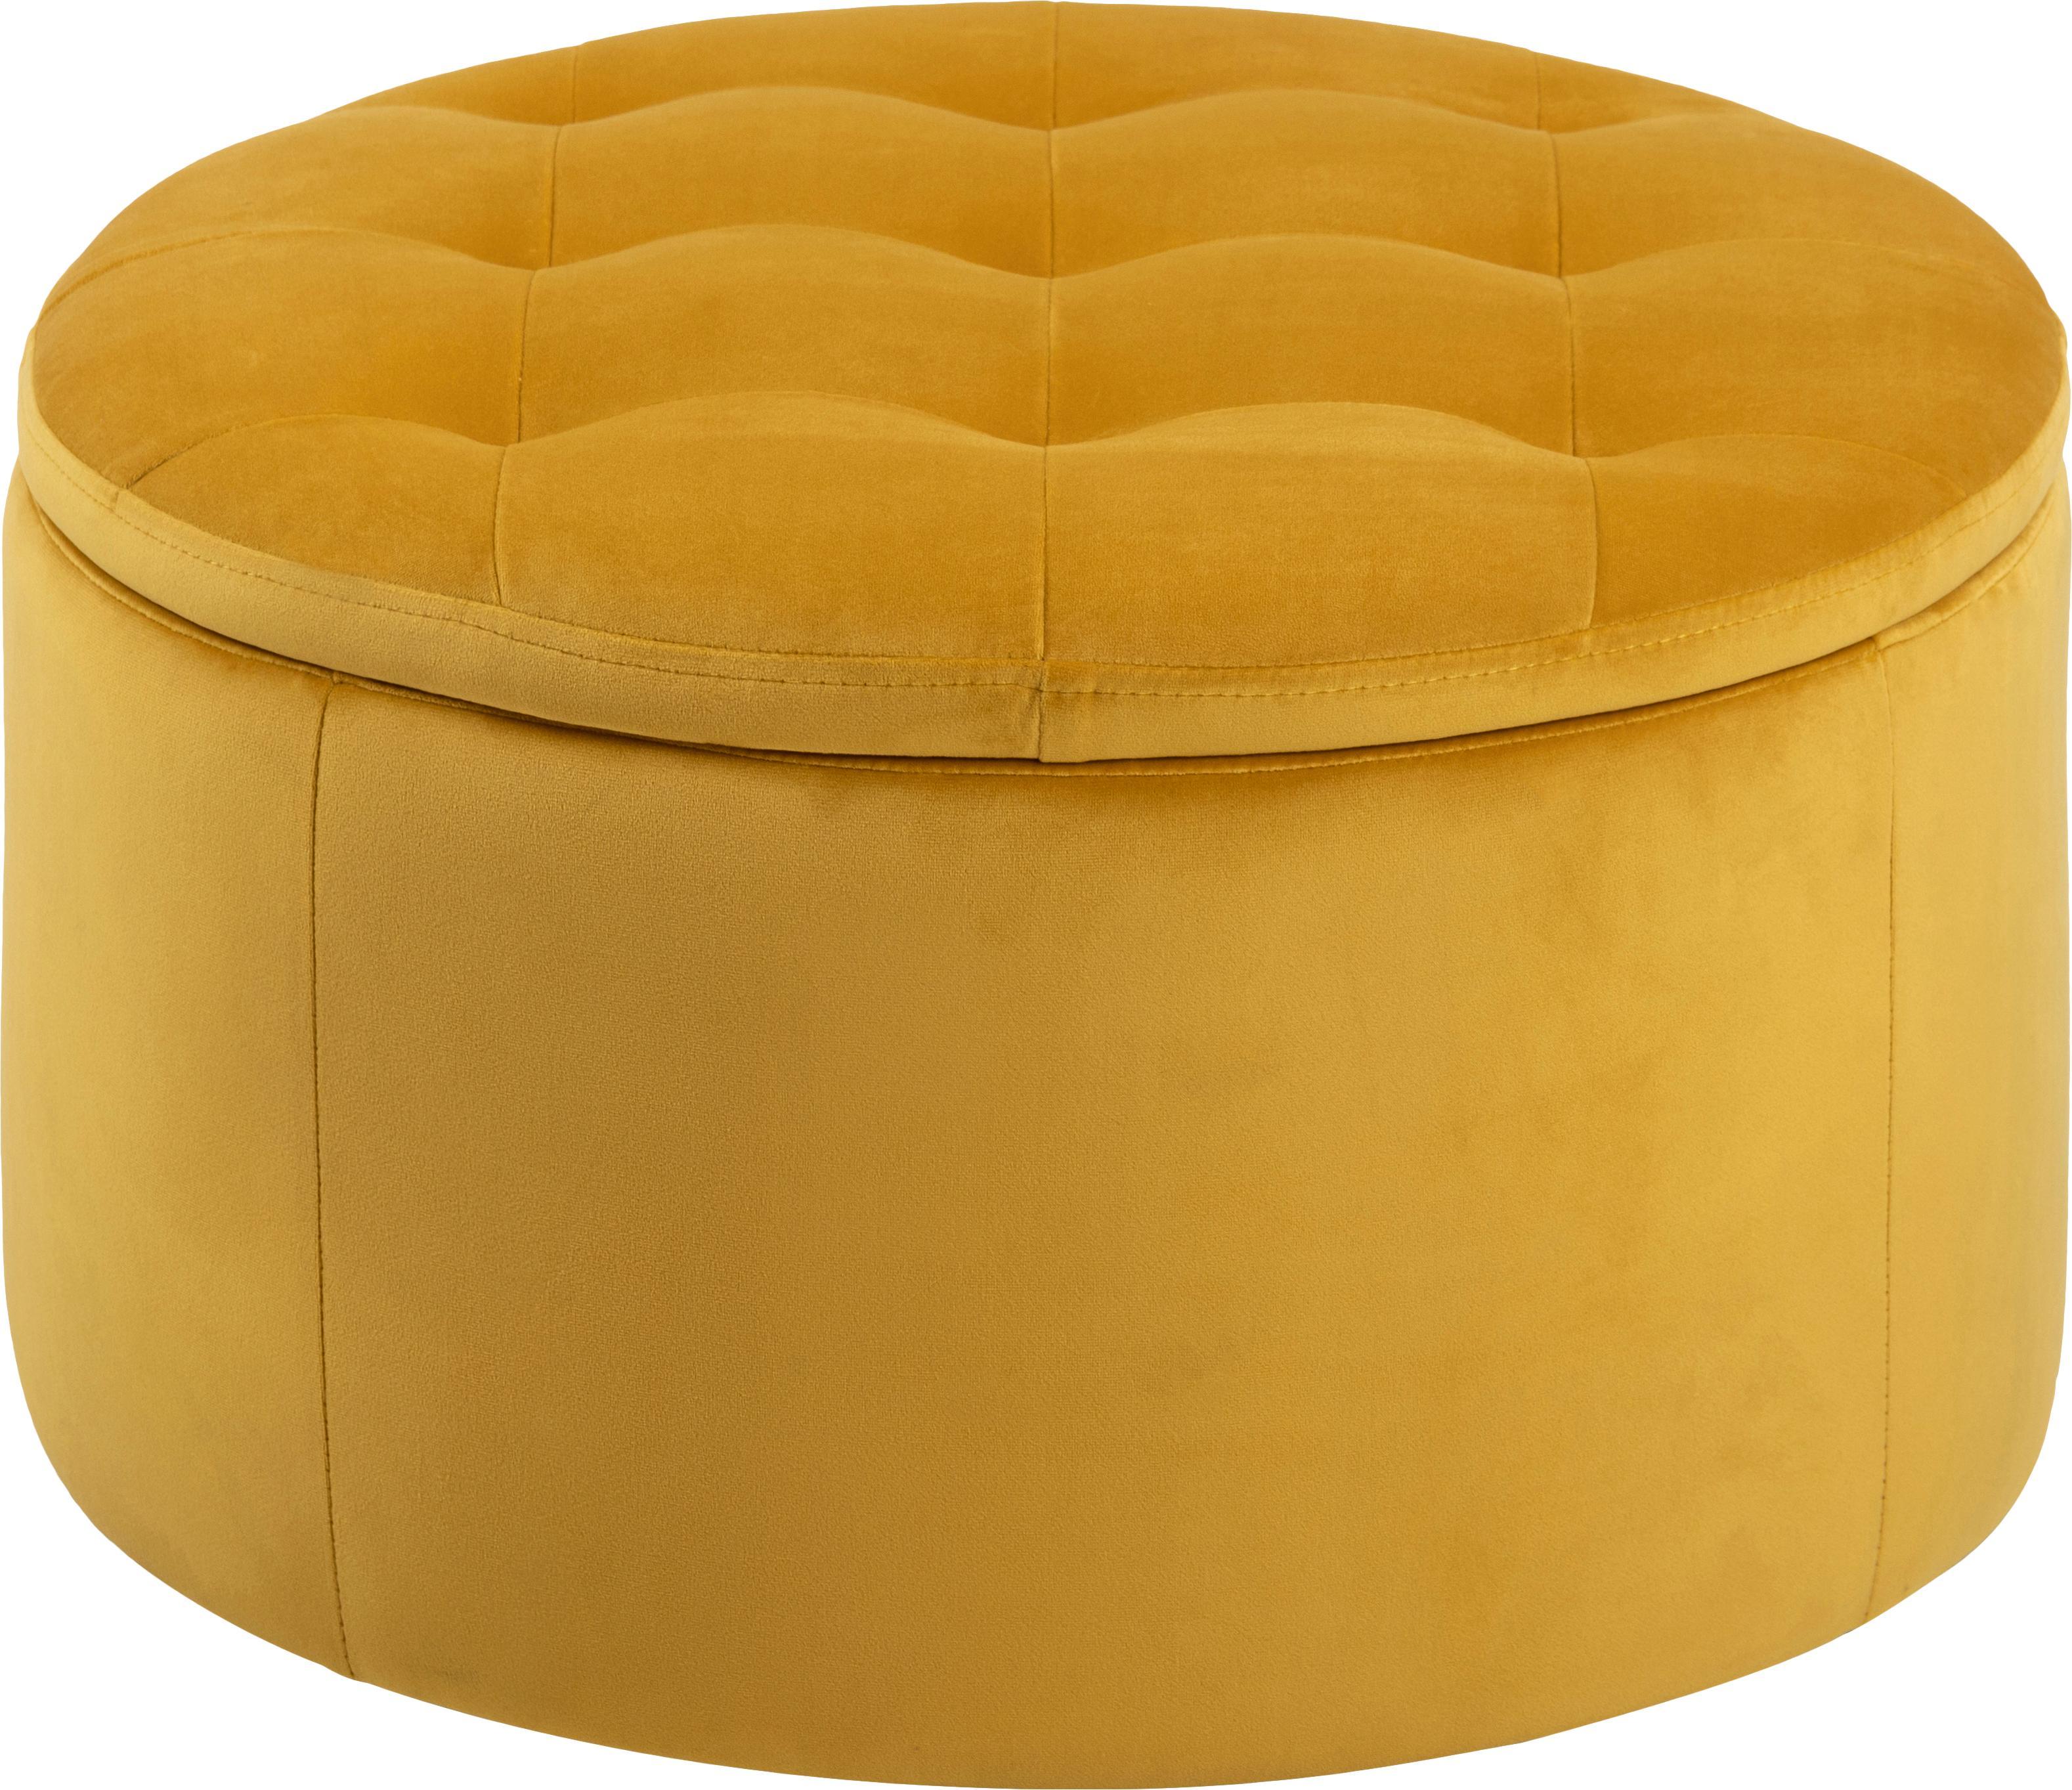 Pouf contenitore in velluto Retina, Rivestimento: velluto di poliestere 25., Struttura: materiale sintetico, Giallo, Ø 60 x Alt. 35 cm